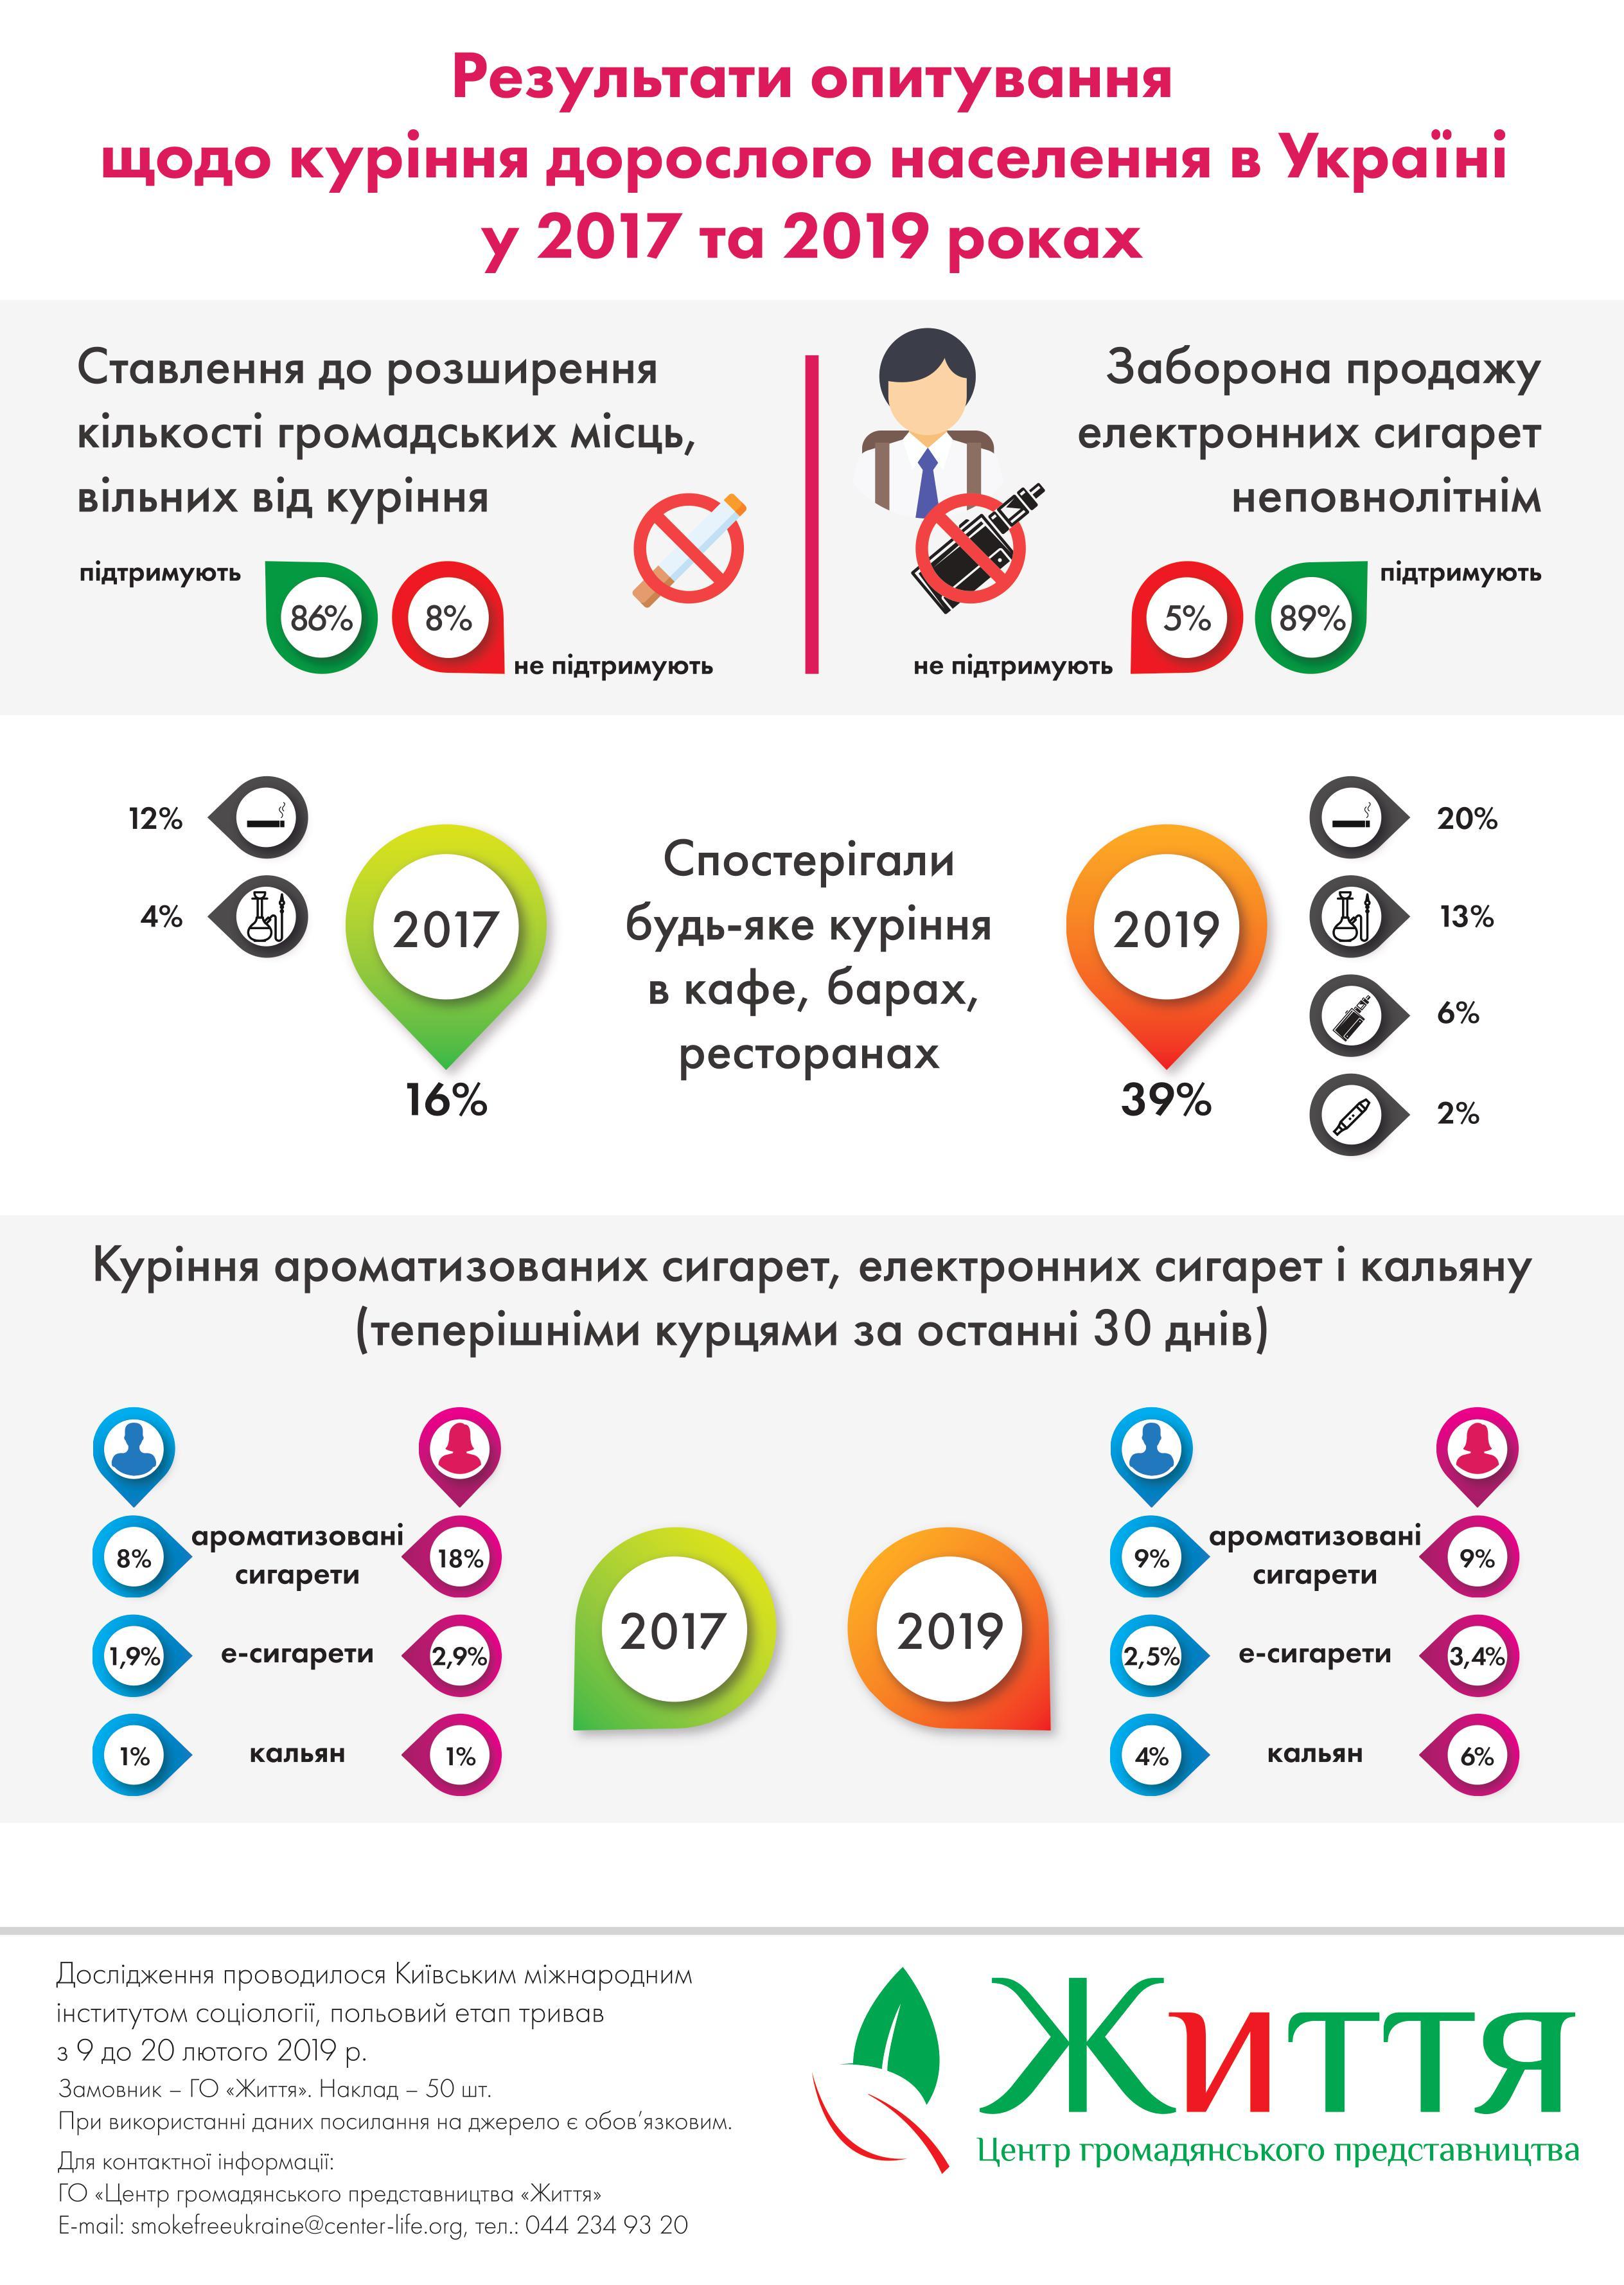 опитування куріння українців